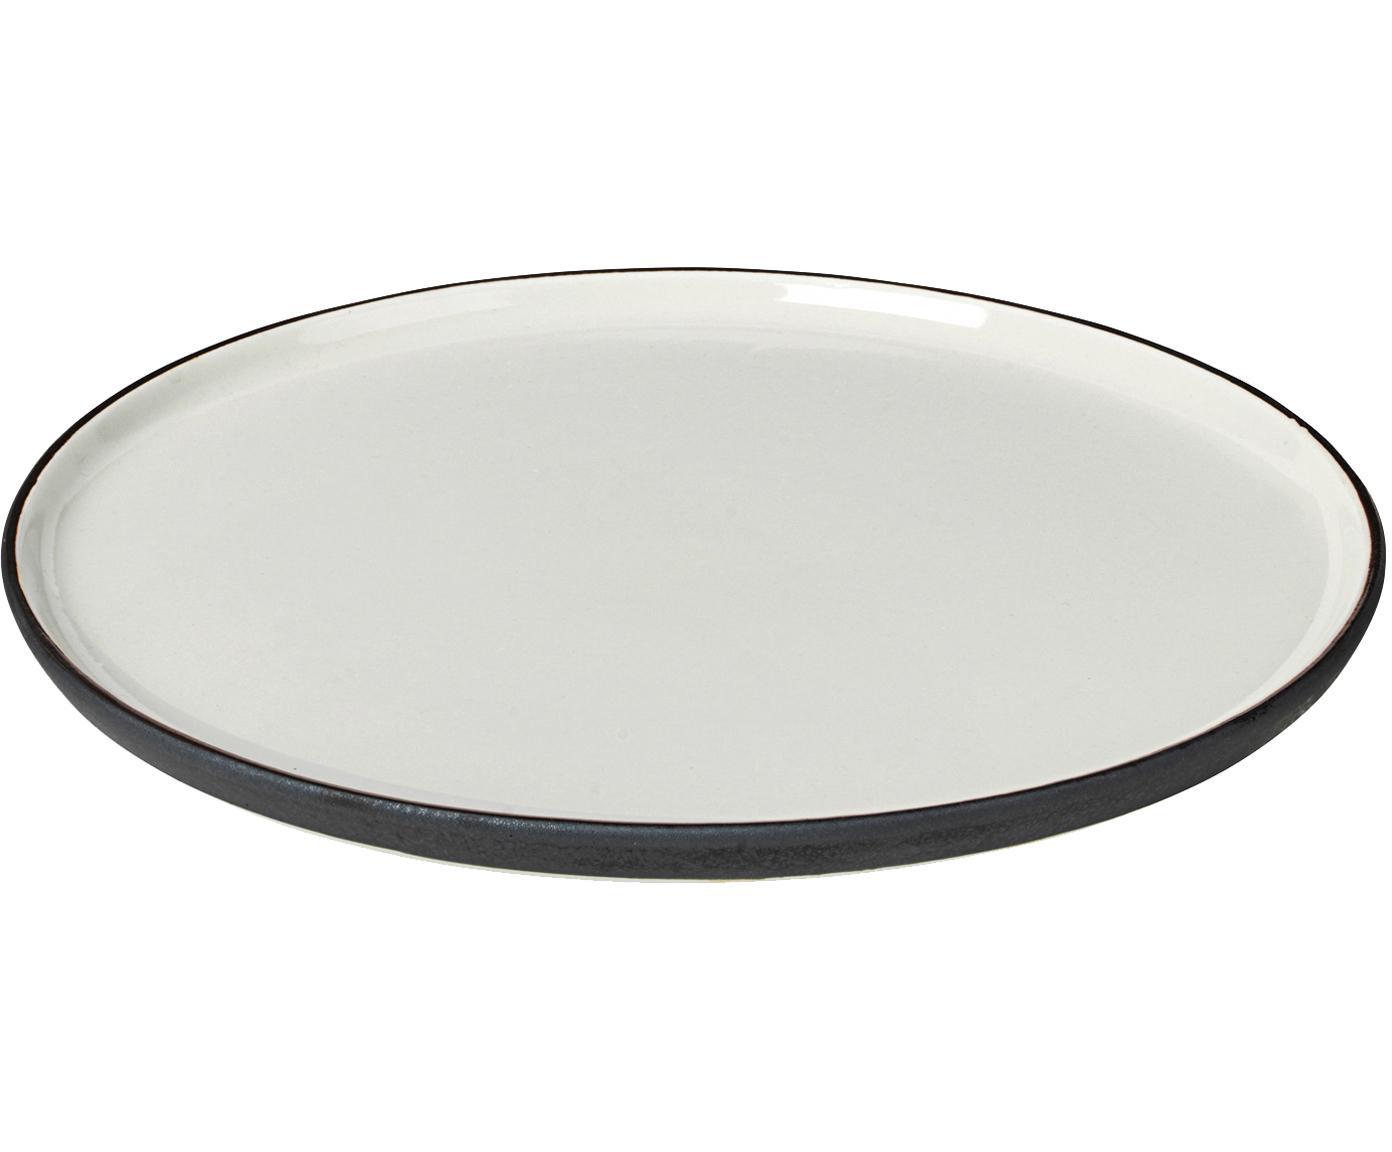 Piatto da colazione fatto a mano Esrum 4 pz, Sotto: terracotta, naturale, Avorio, marrone grigio, Ø 21 cm